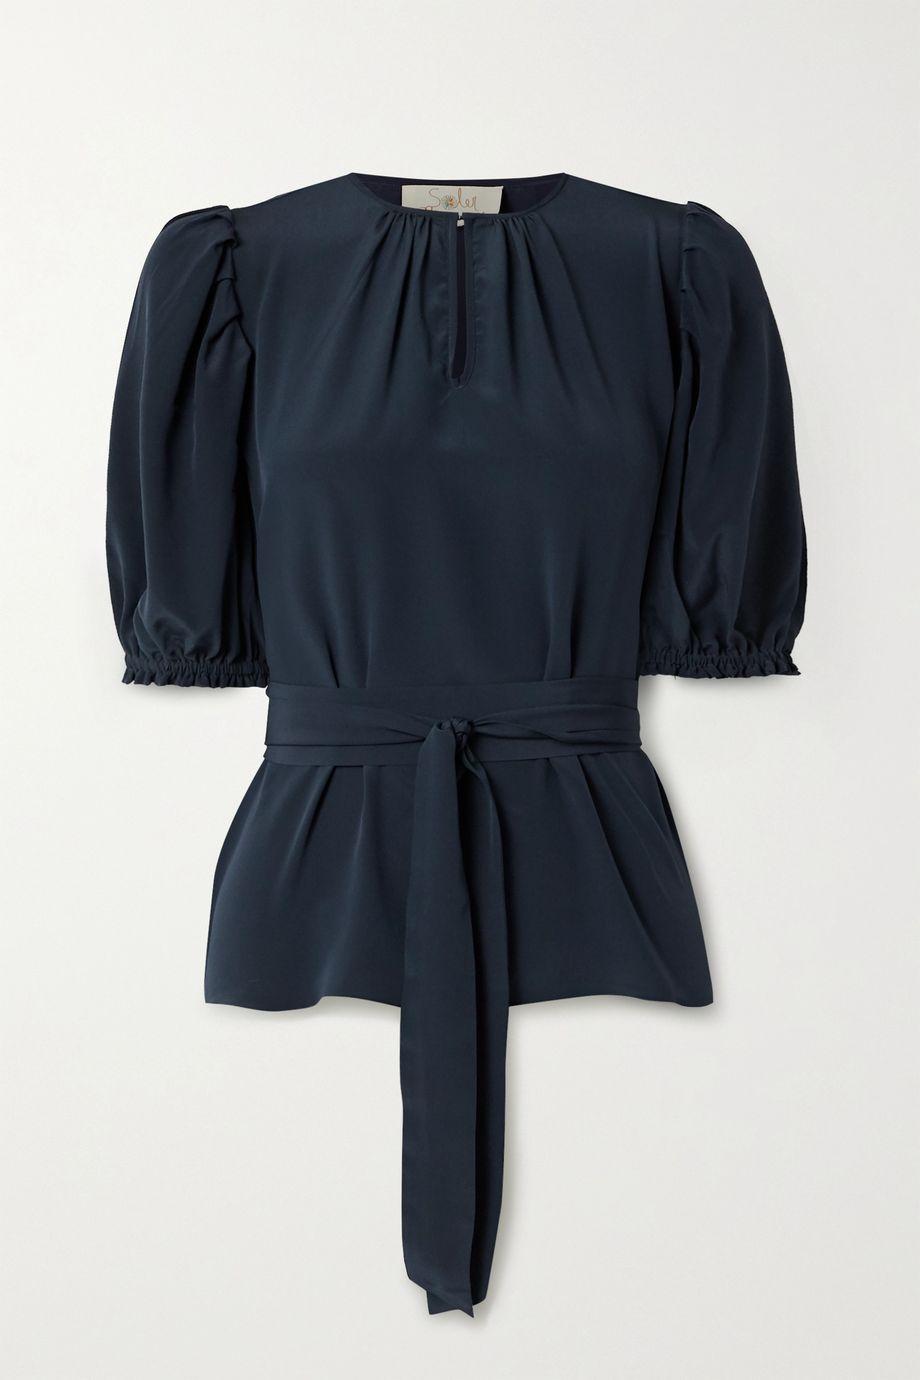 ARoss Girl x Soler Brooke belted silk crepe de chine top